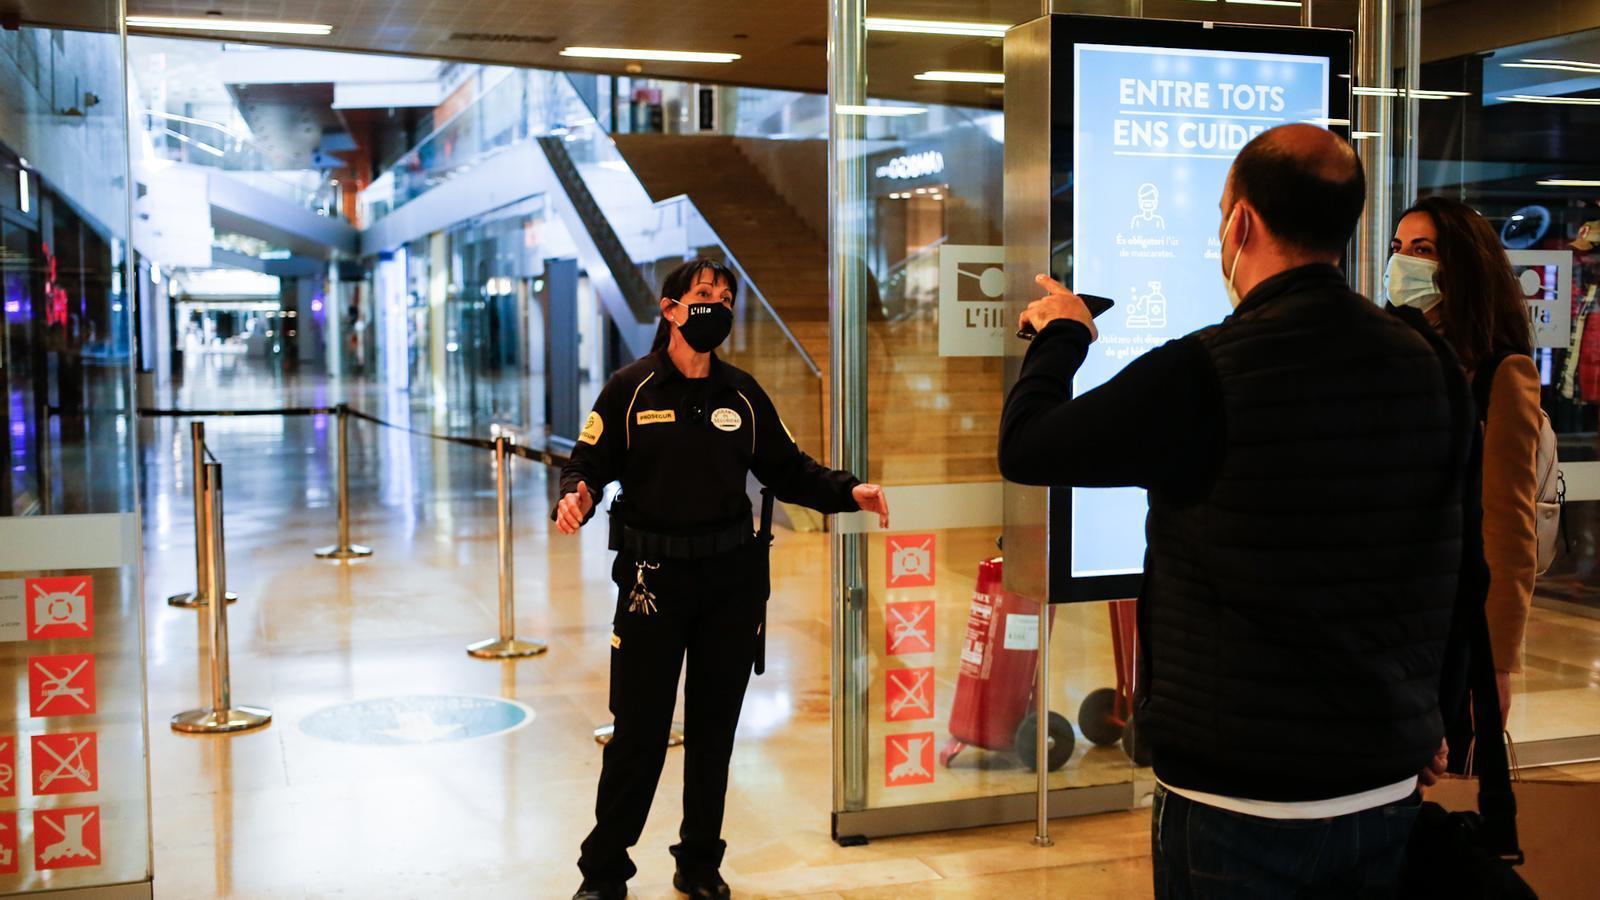 Una vigilant de seguretat avisa els compradors a l'entrada del centre comercial L'Illa.